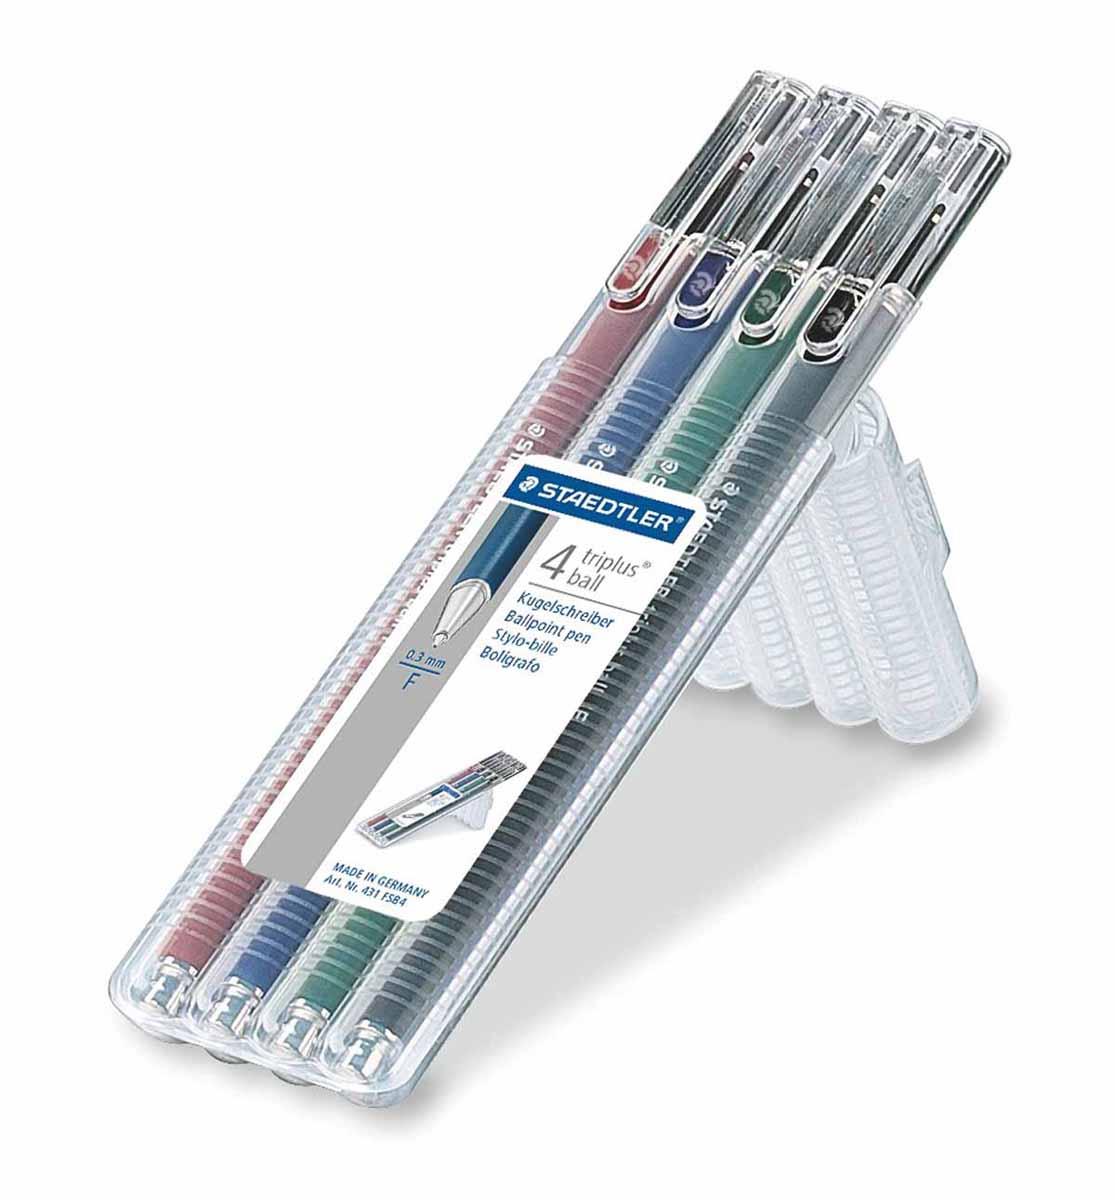 Staedtler Набор шариковых ручек Triplus Ball 4 цвета staedtler 34sb4 офисный письменный перо перо набор комбинирования 4 вида ручки